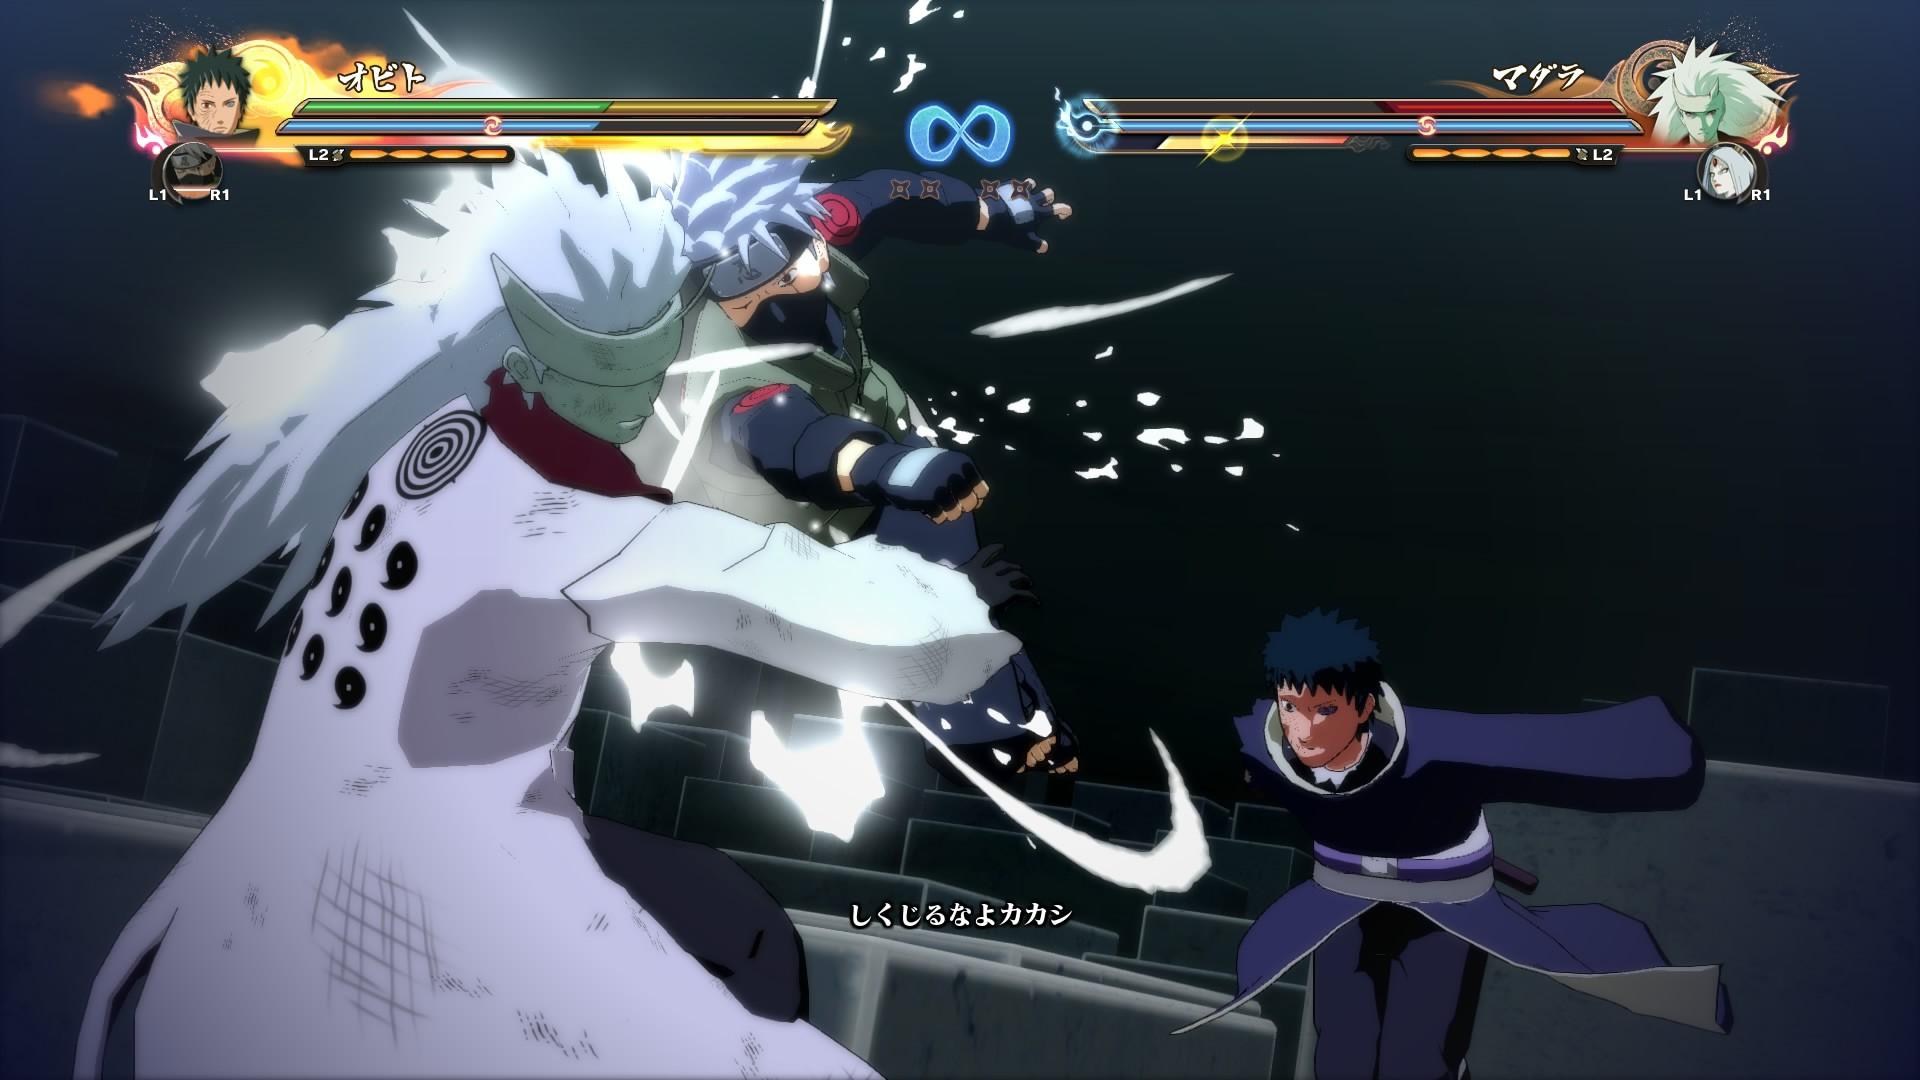 ゲームソフト Naruto ナルト 疾風伝 ナルティメットストーム4